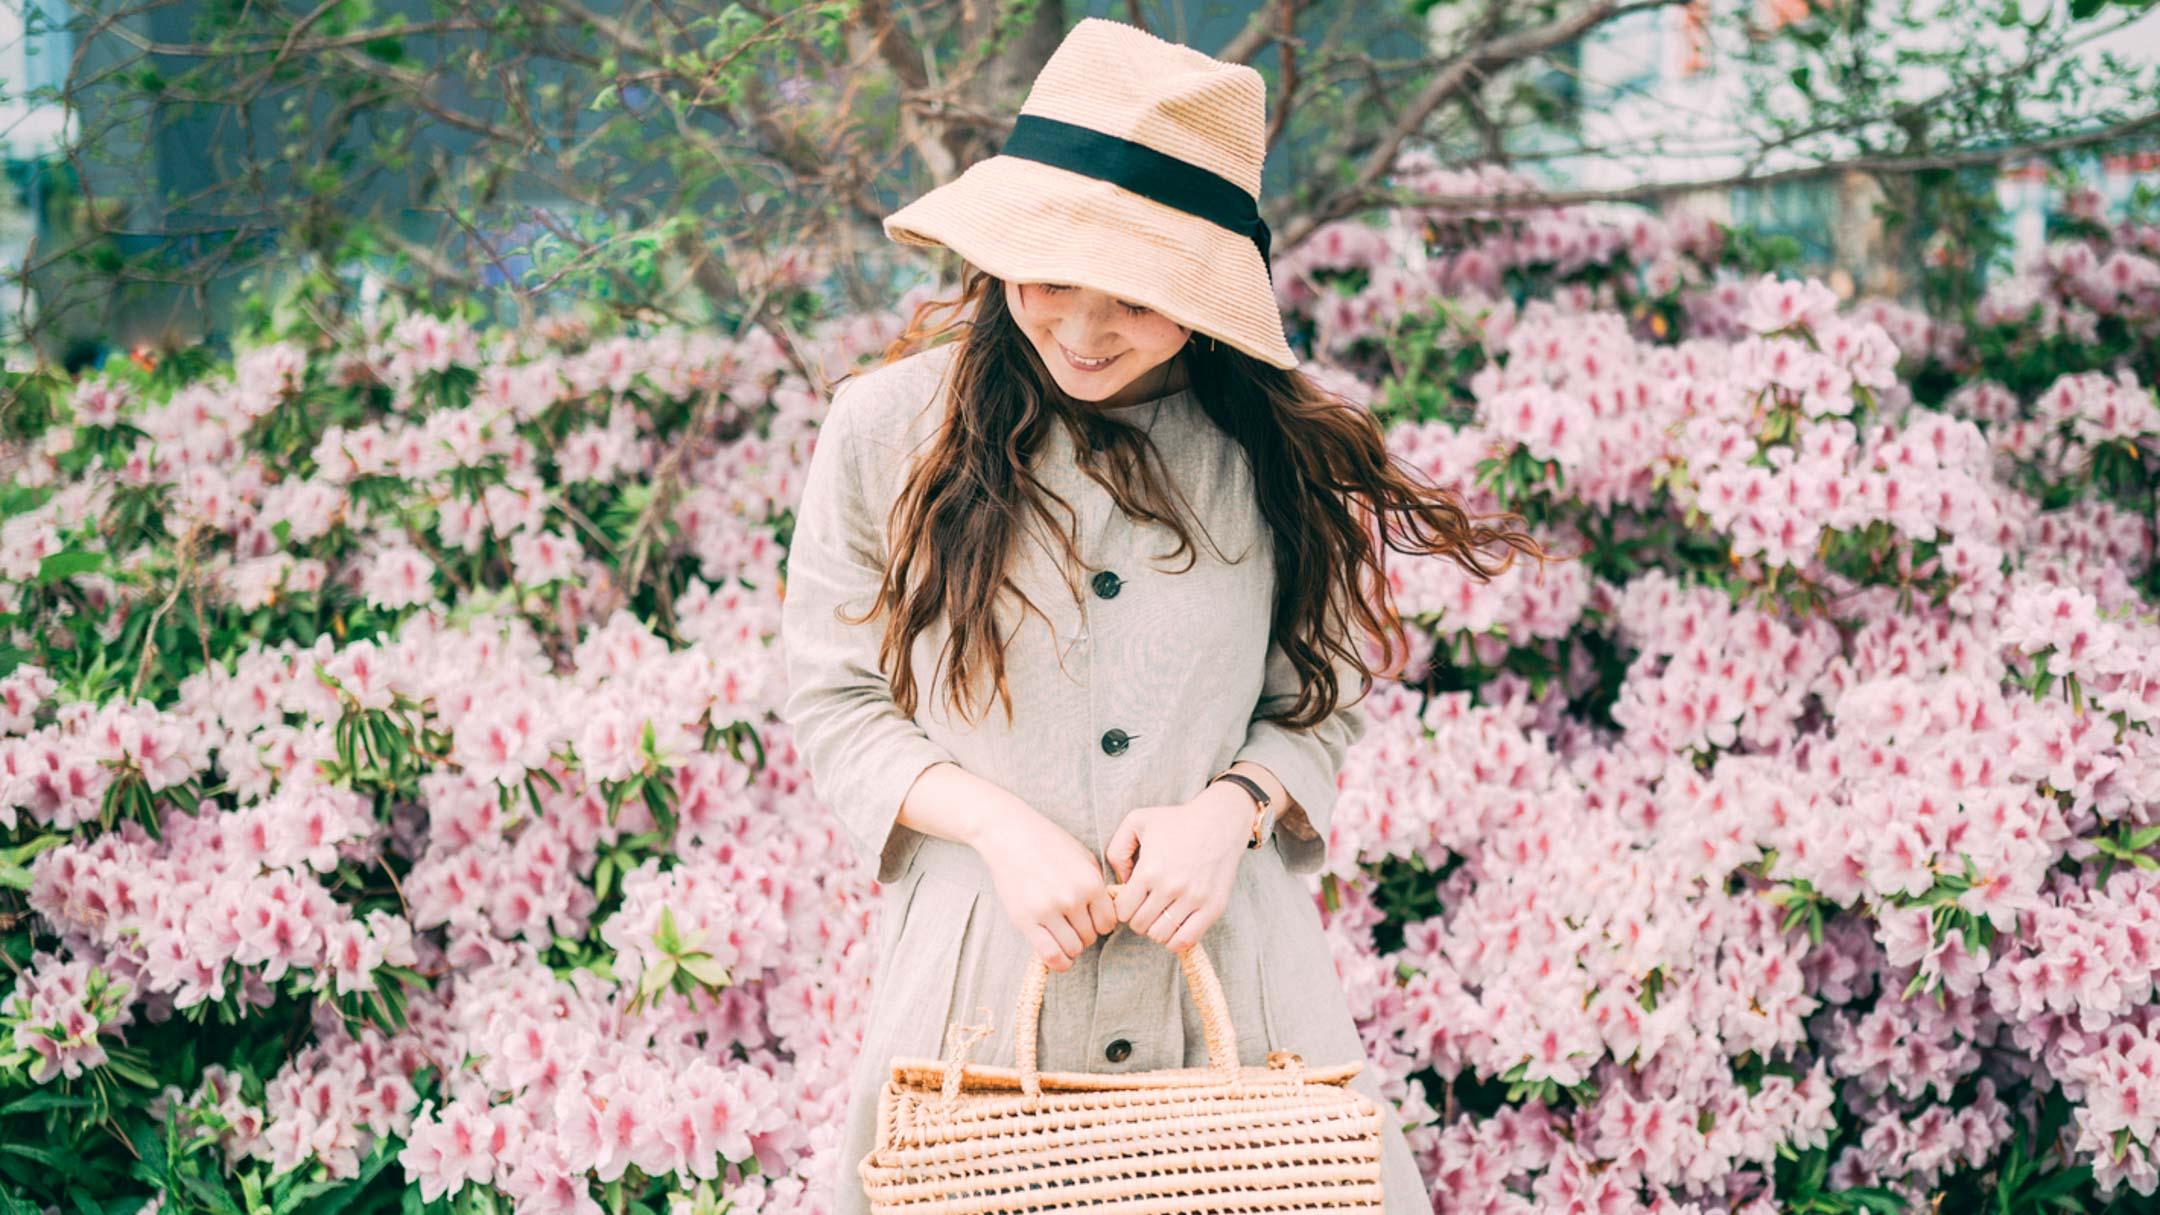 キミと僕のニコ日和〜妖精みたいな彼女とピクニックデート〜